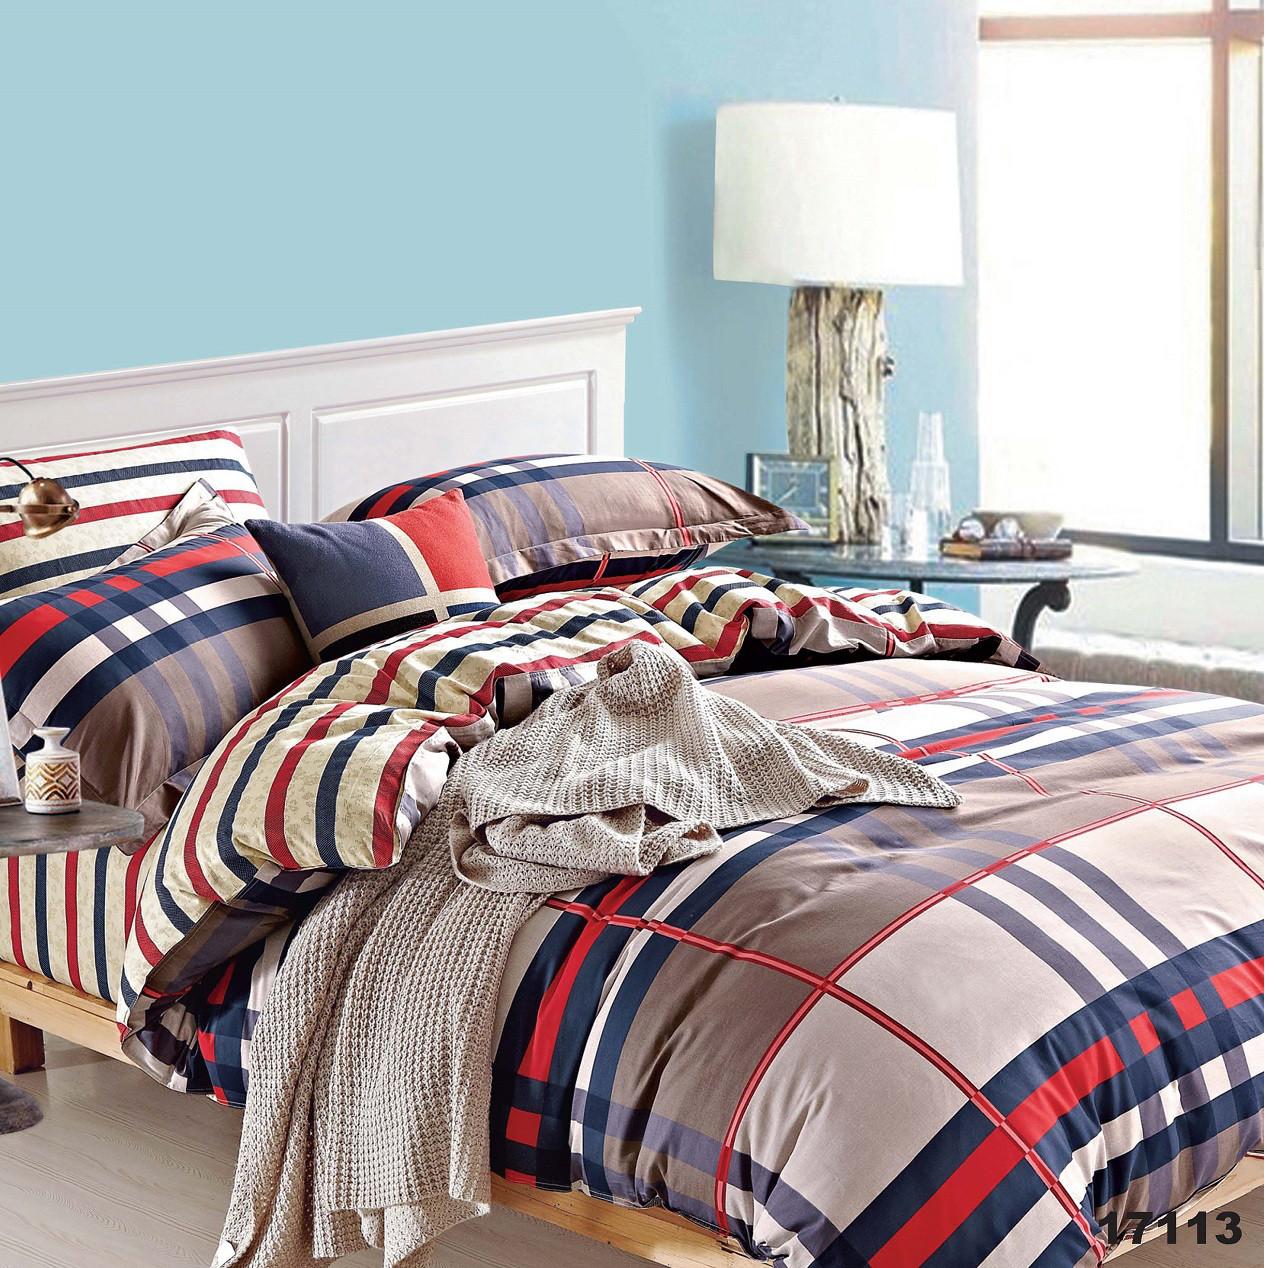 Полуторное постельное белье Вилюта 17113 ранфорс